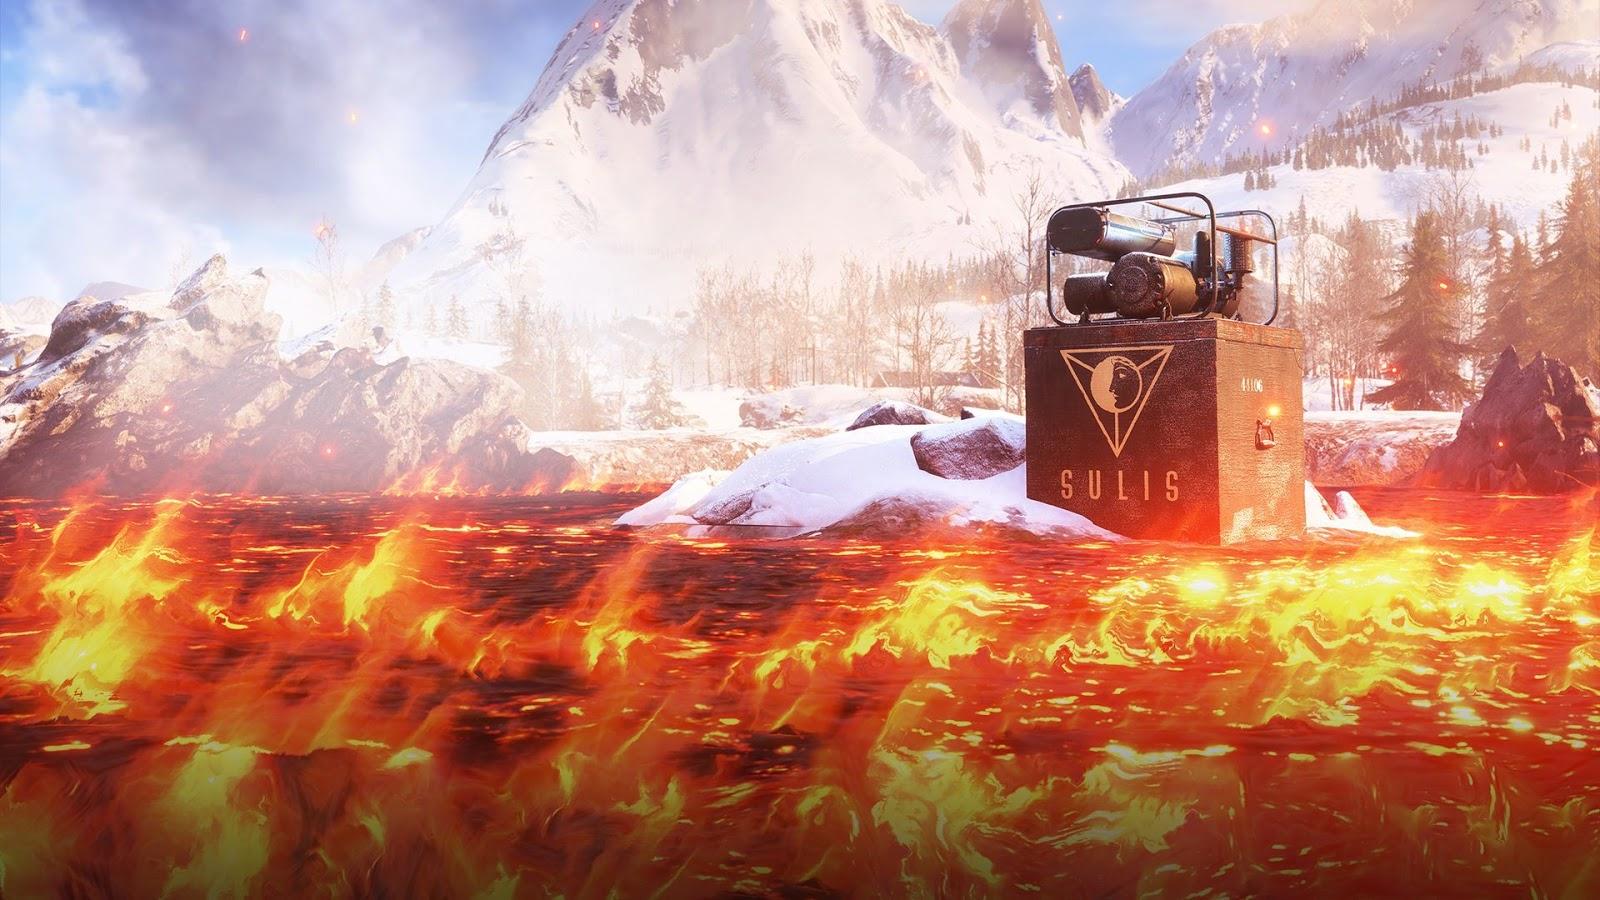 Battlefield V: Objetivos e Reforços em Firestorm